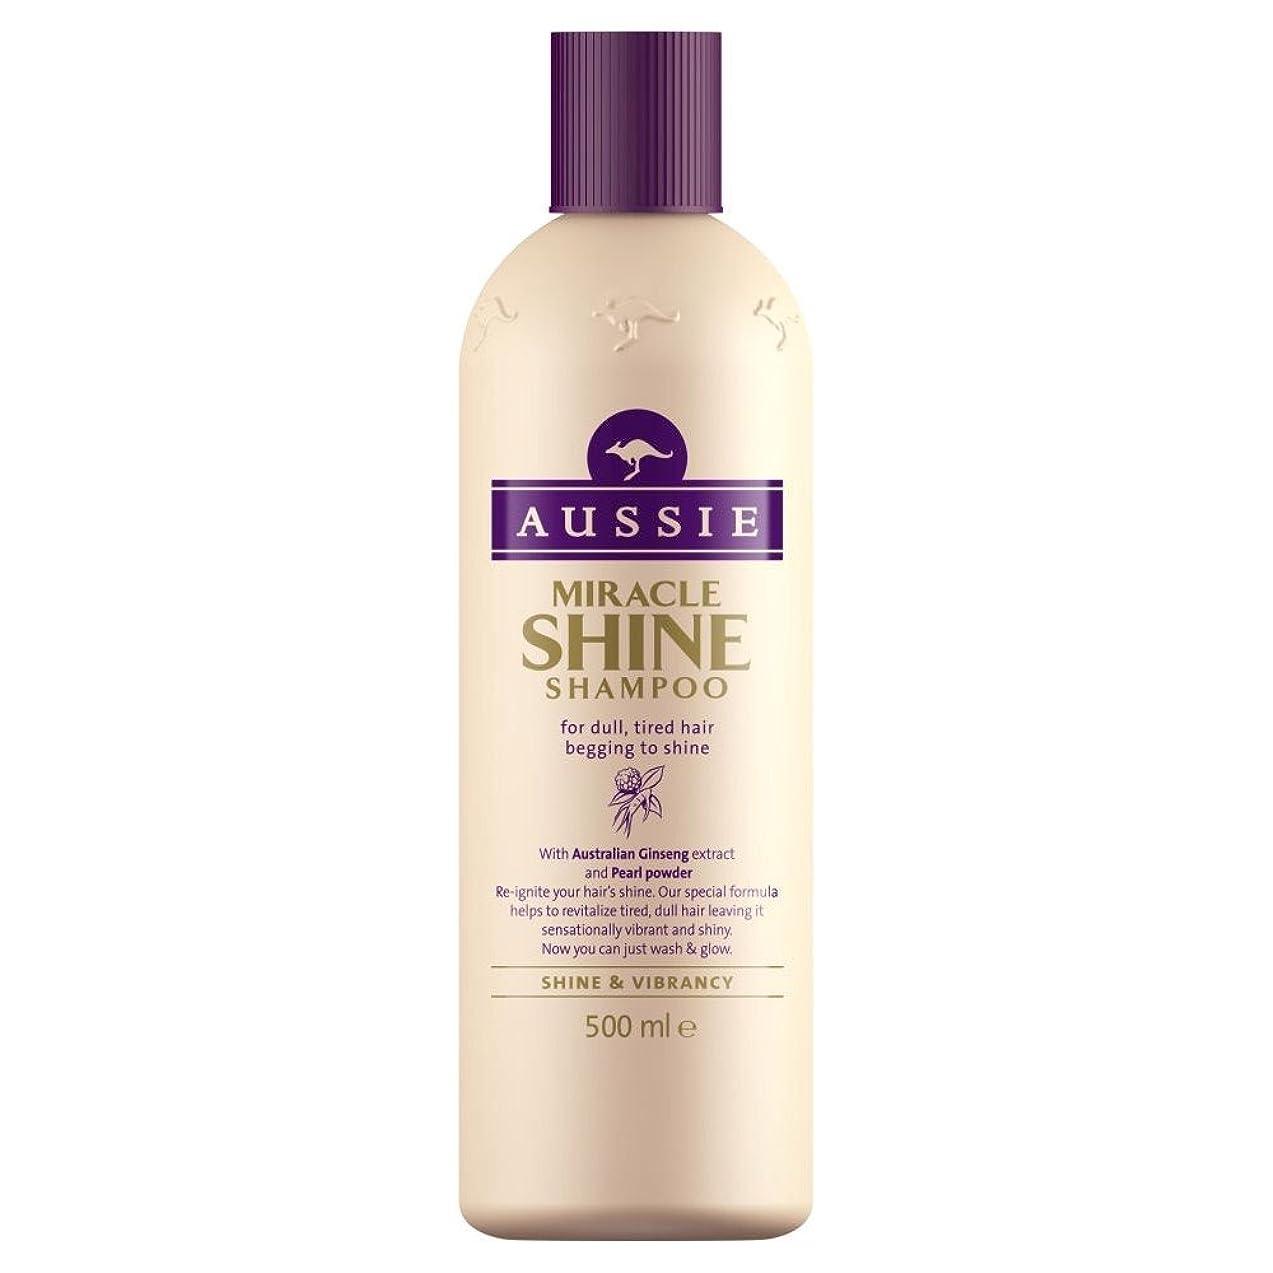 抑制する宮殿便利Aussie Miracle Shine Shampoo (500ml) オージー奇跡の輝きシャンプー( 500ミリリットル) [並行輸入品]